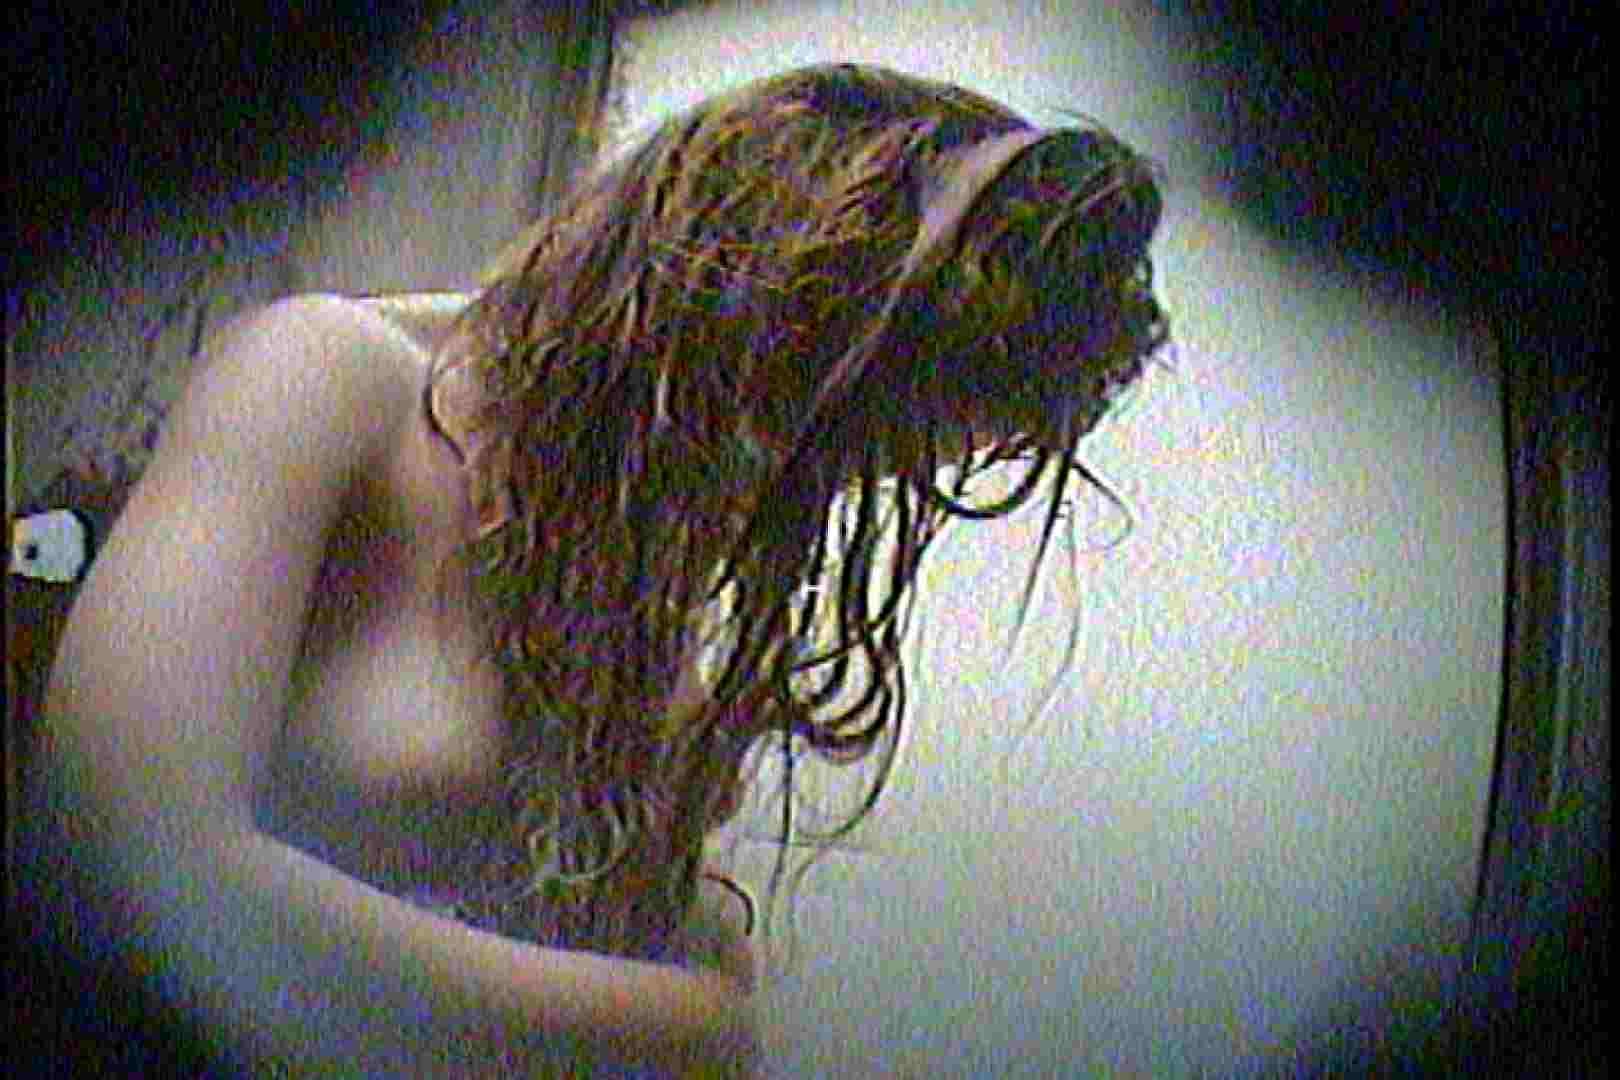 海の家の更衣室 Vol.21 美女達のヌード   シャワー中  89連発 82